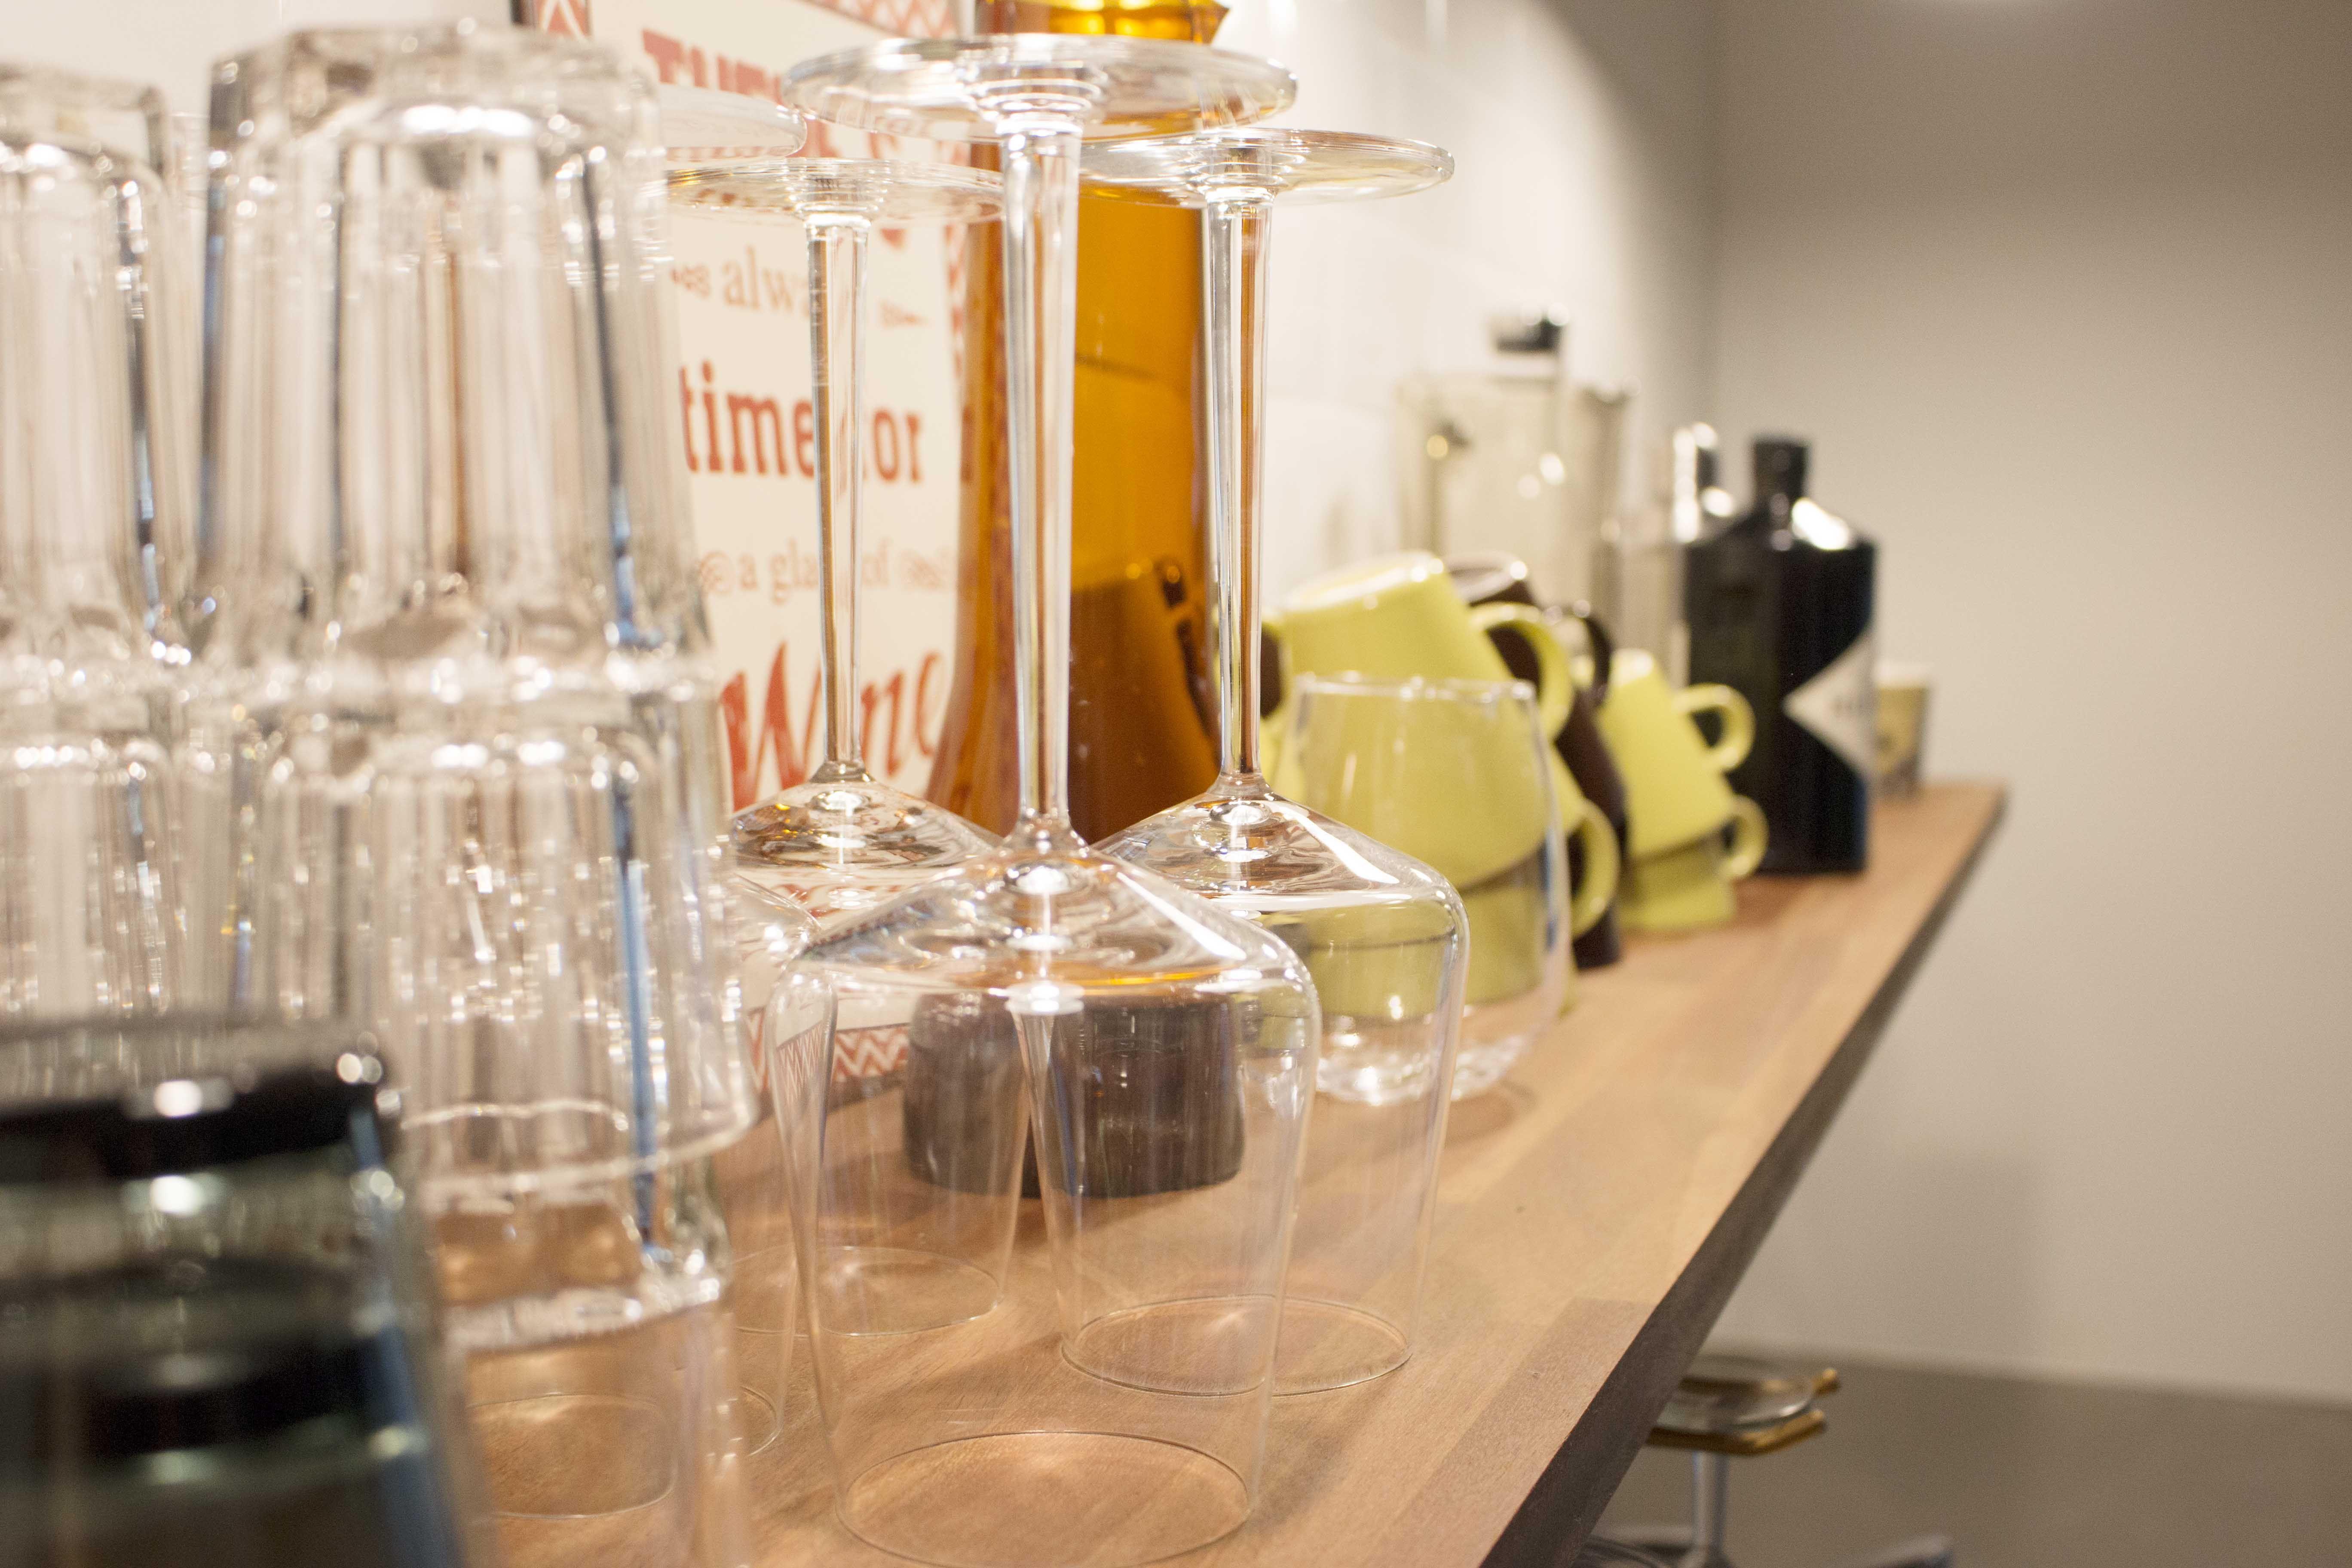 Modern kitchen with open shelf